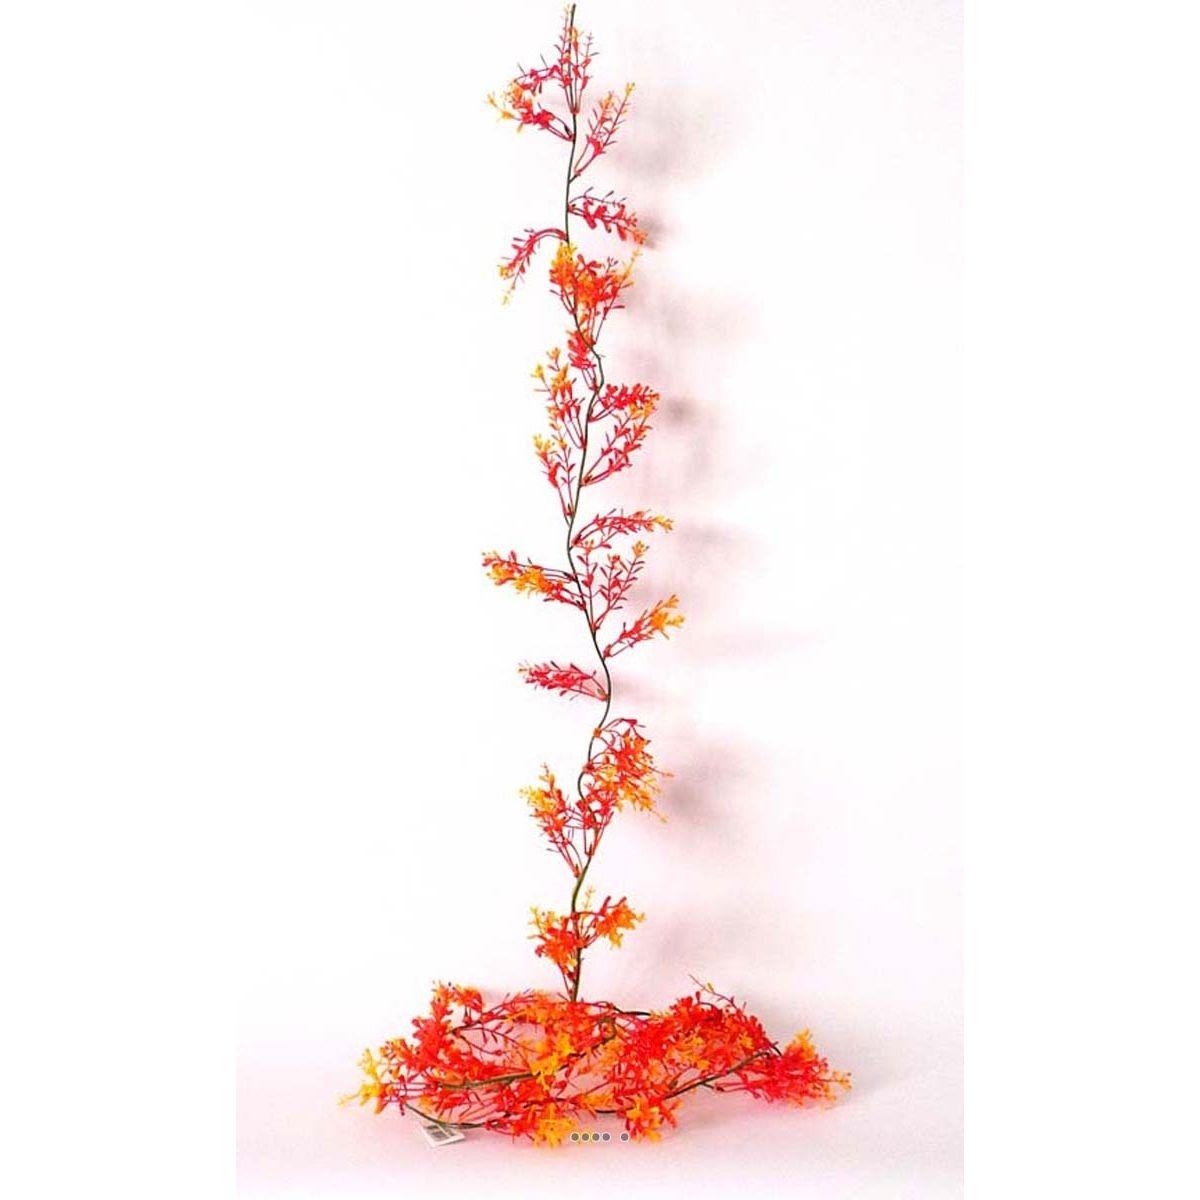 Guirlande de 60 Herbe de Corail Orange artificielles plastique L 180 cm - choisissez votre coloris: Orange